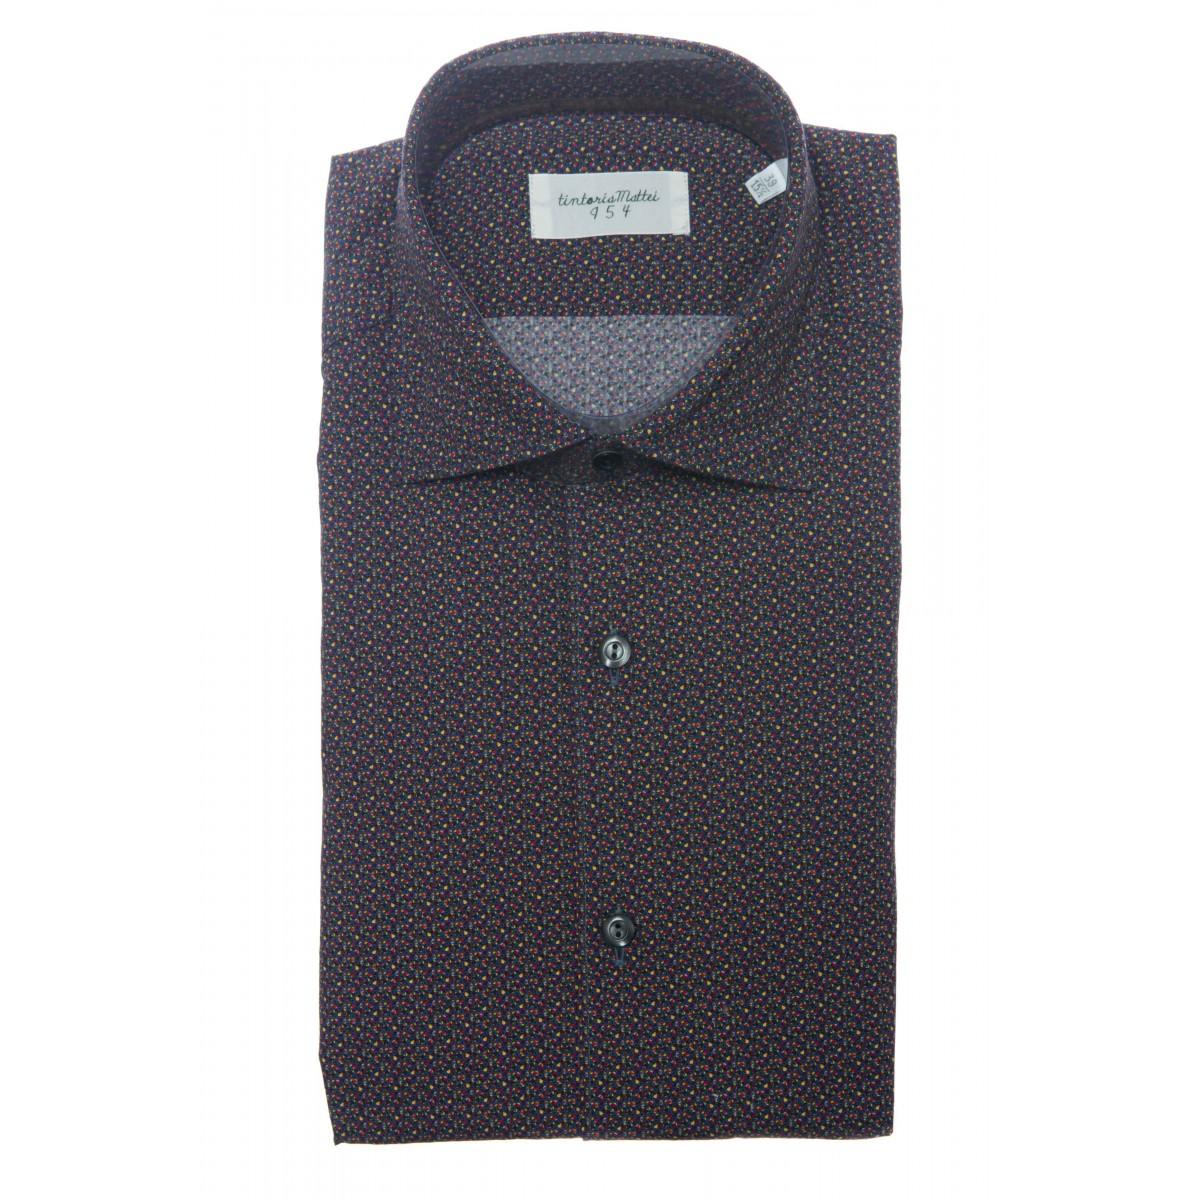 Camicia uomo - Rib njw